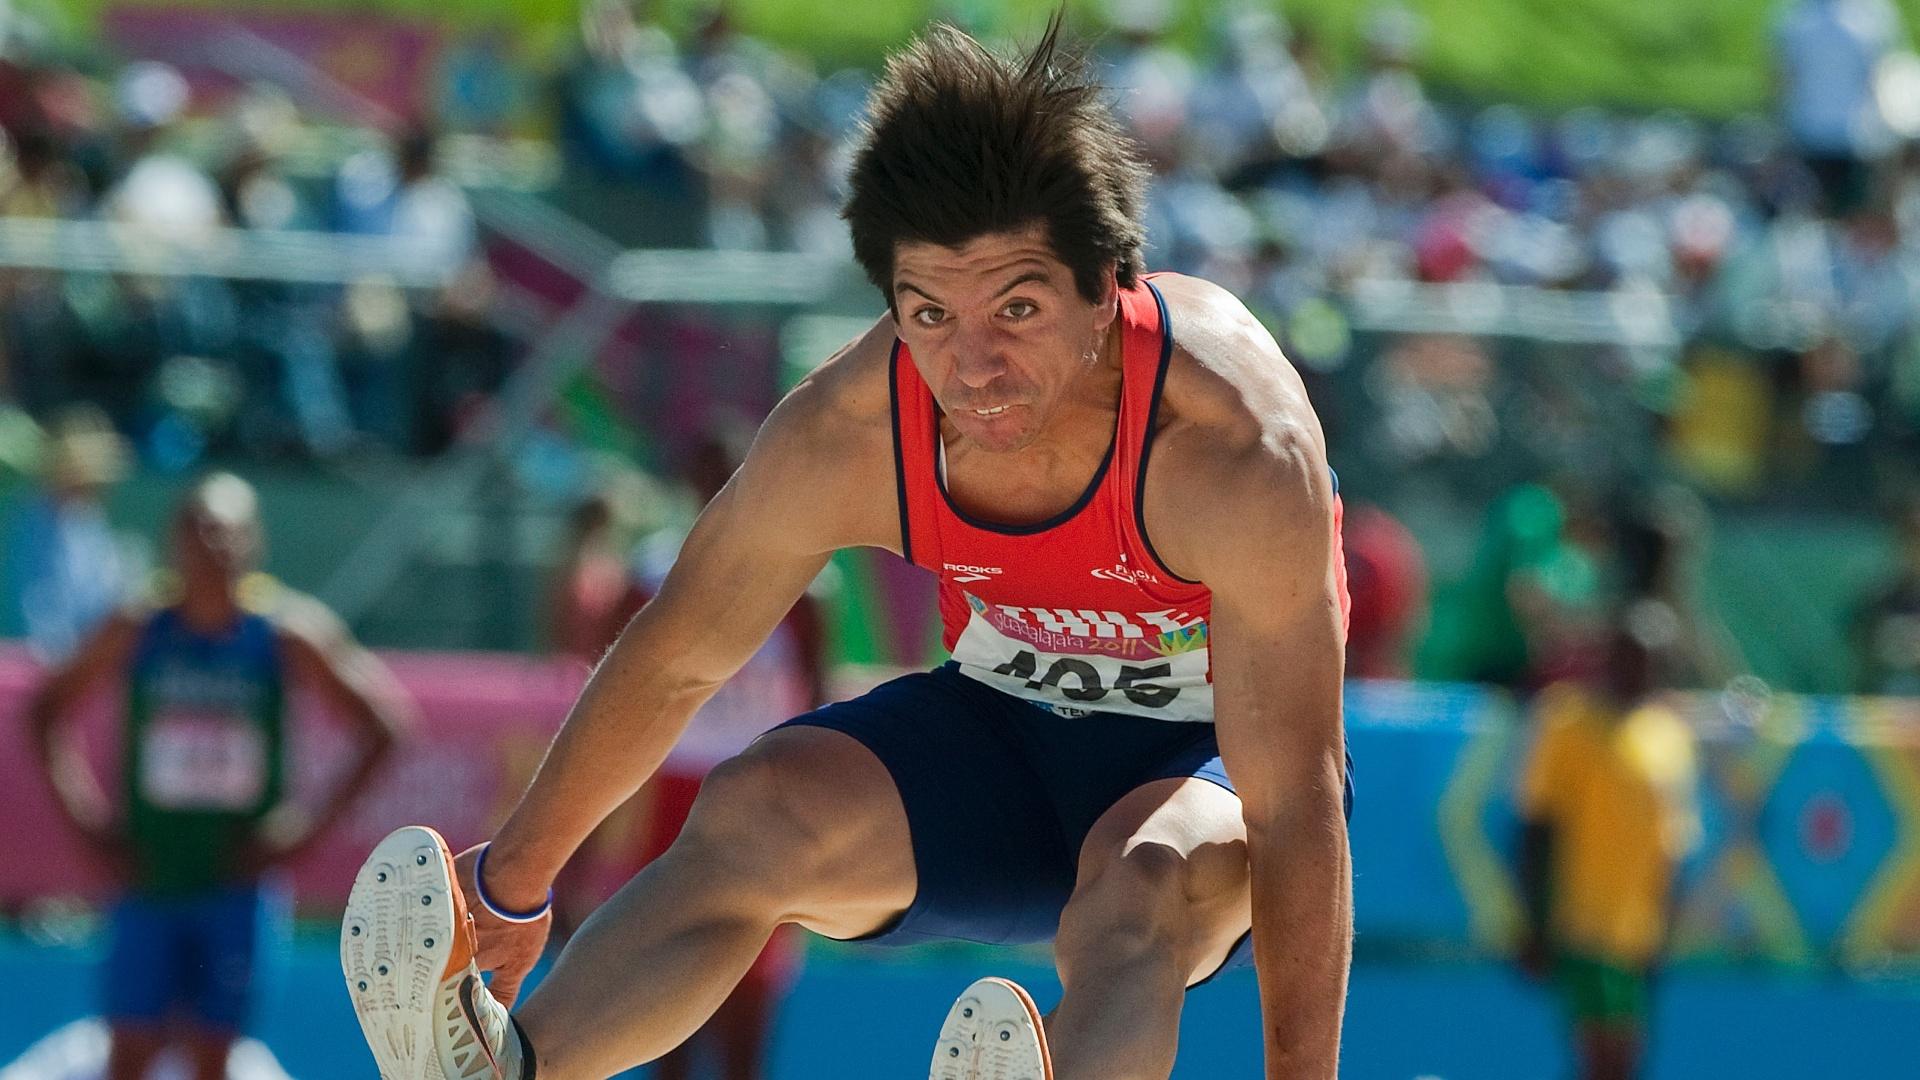 Daniel Pineda, do Chile, realiza uma de suas tentativas durante a prova do salto em distância em Guadalajara